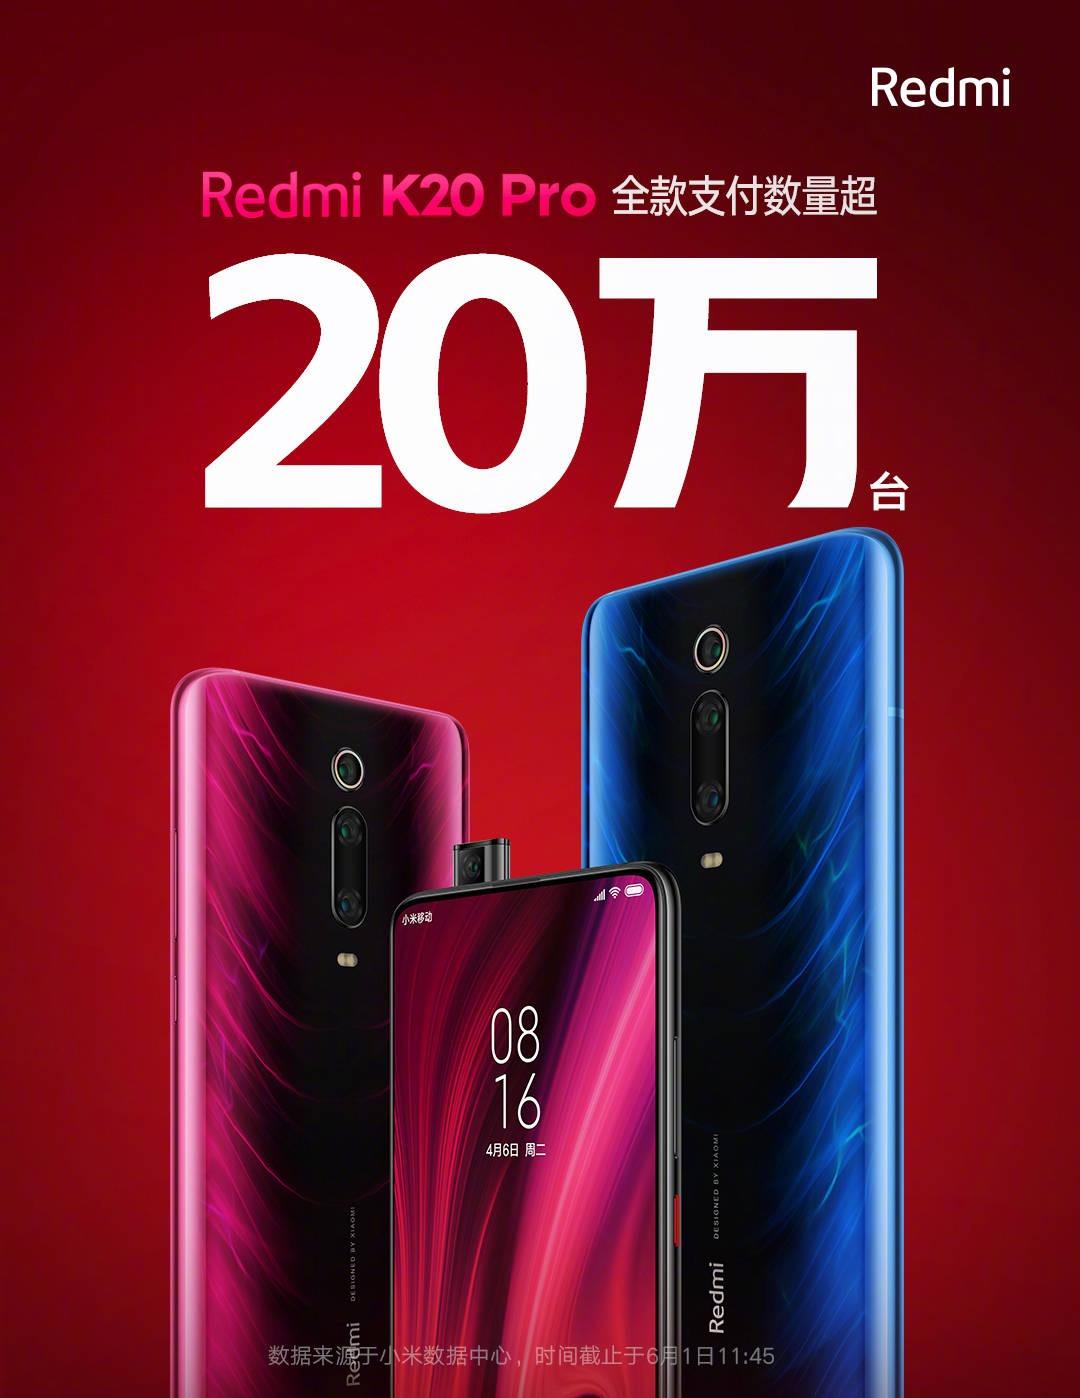 Redmi K20 Pro vende más de 200.000 unidades en apenas pocas horas tras su lanzamiento. Noticias Xiaomi Adictos